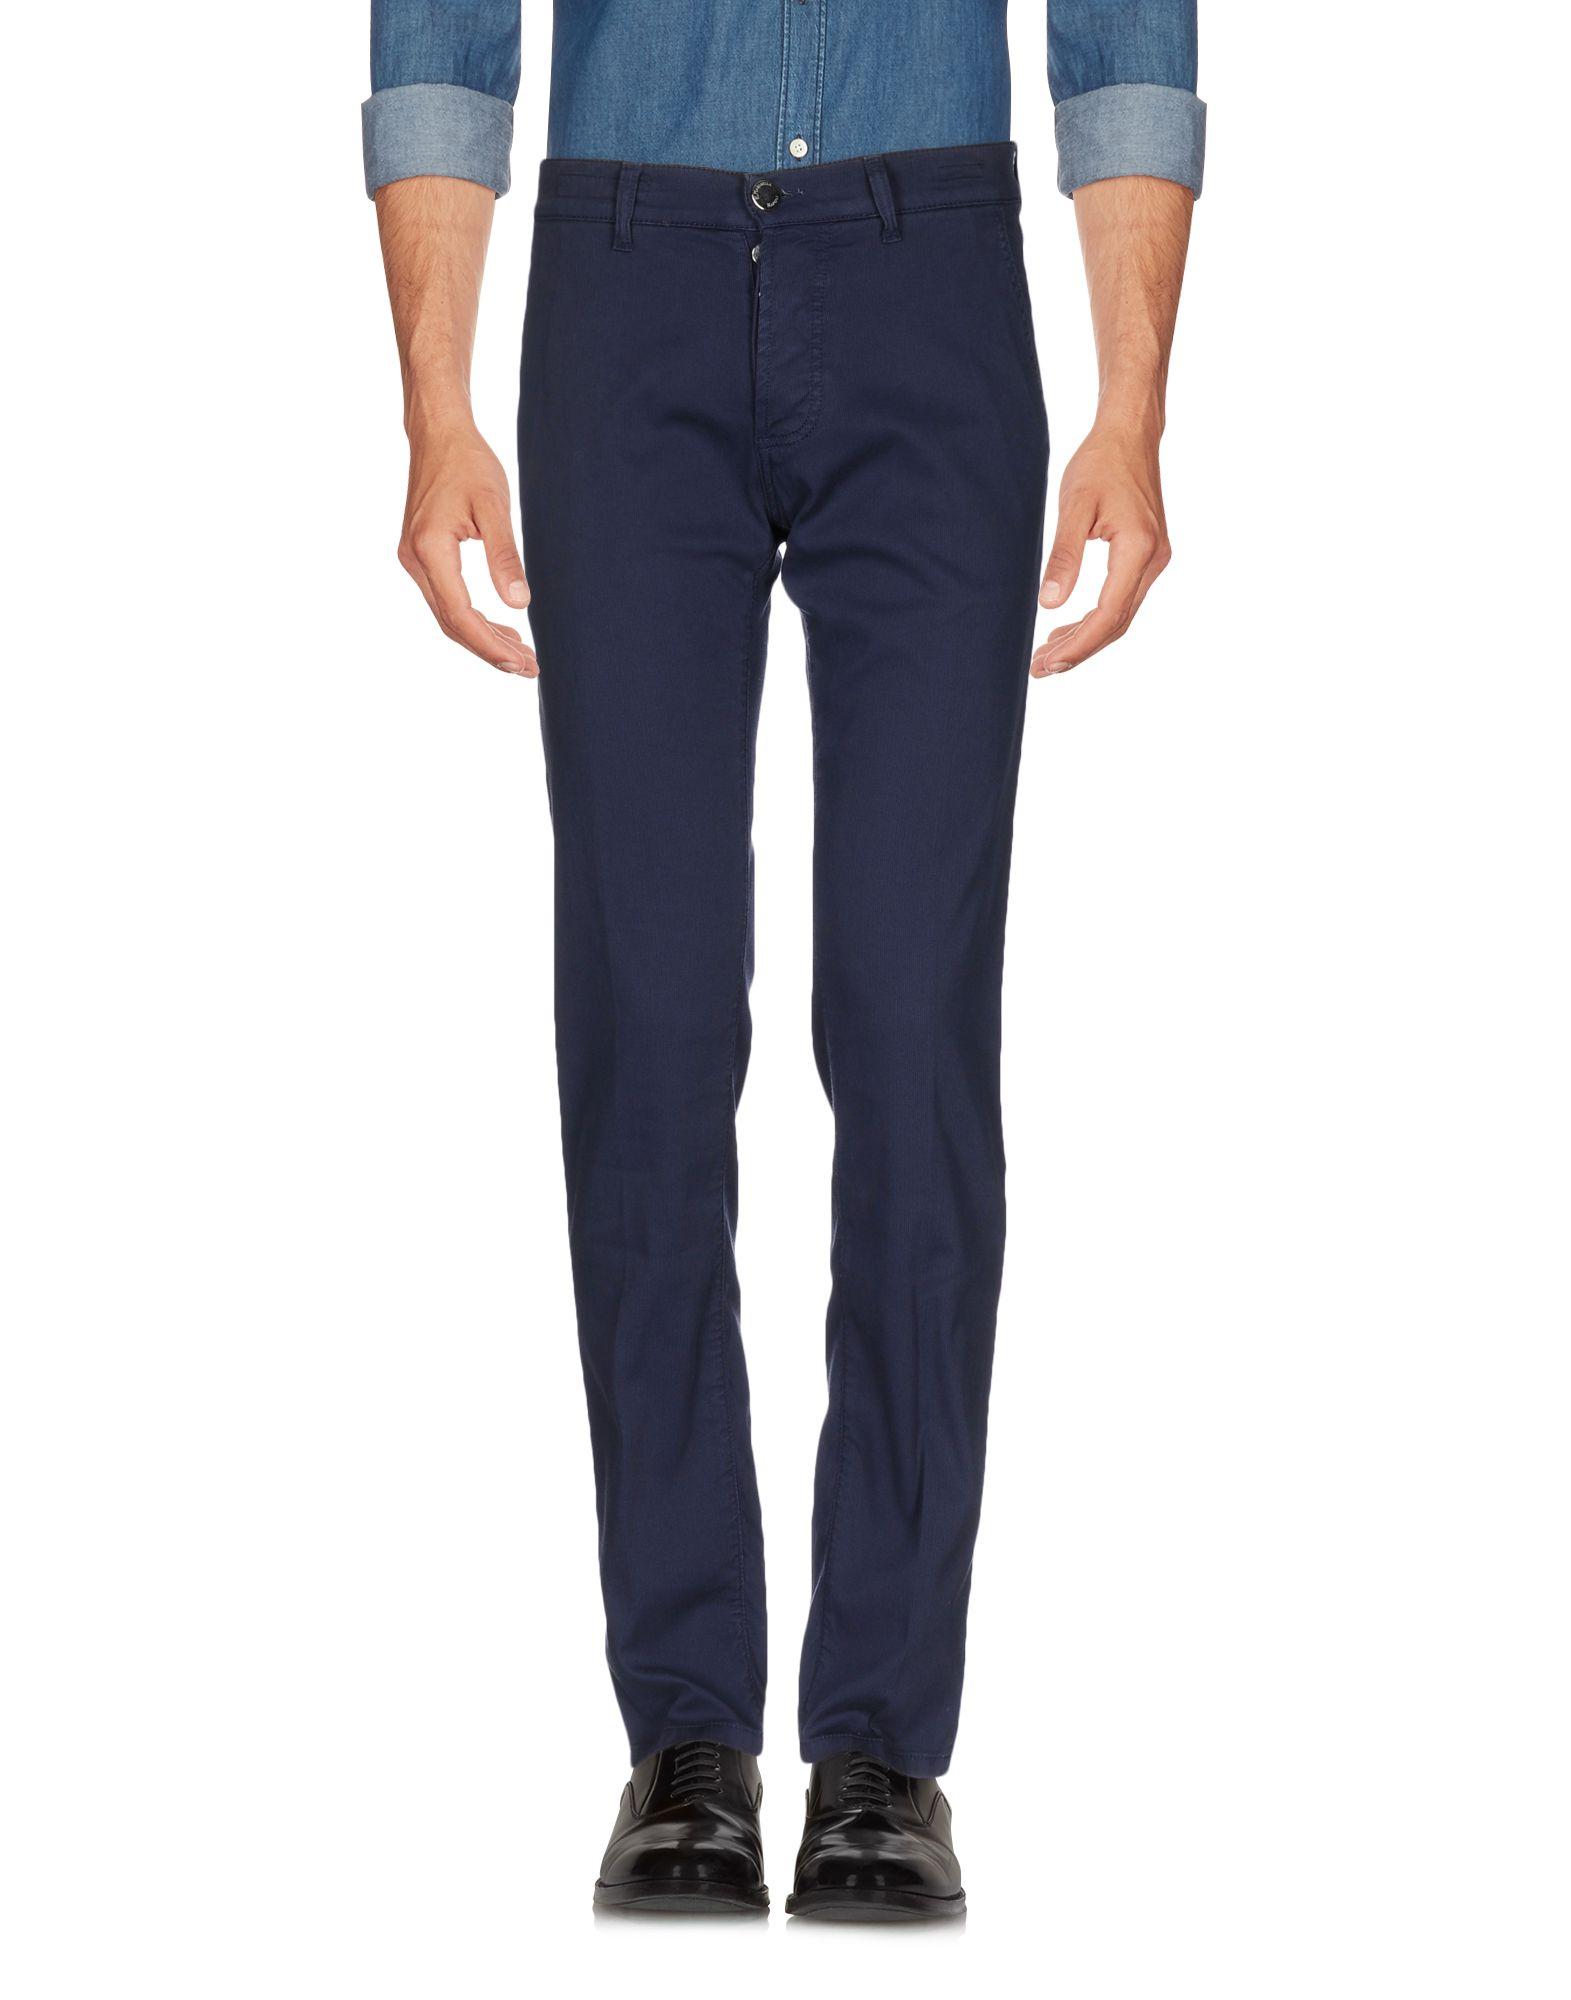 《期間限定 セール開催中》E.MARINELLA メンズ パンツ ダークパープル 32 コットン 98% / ポリウレタン 2%